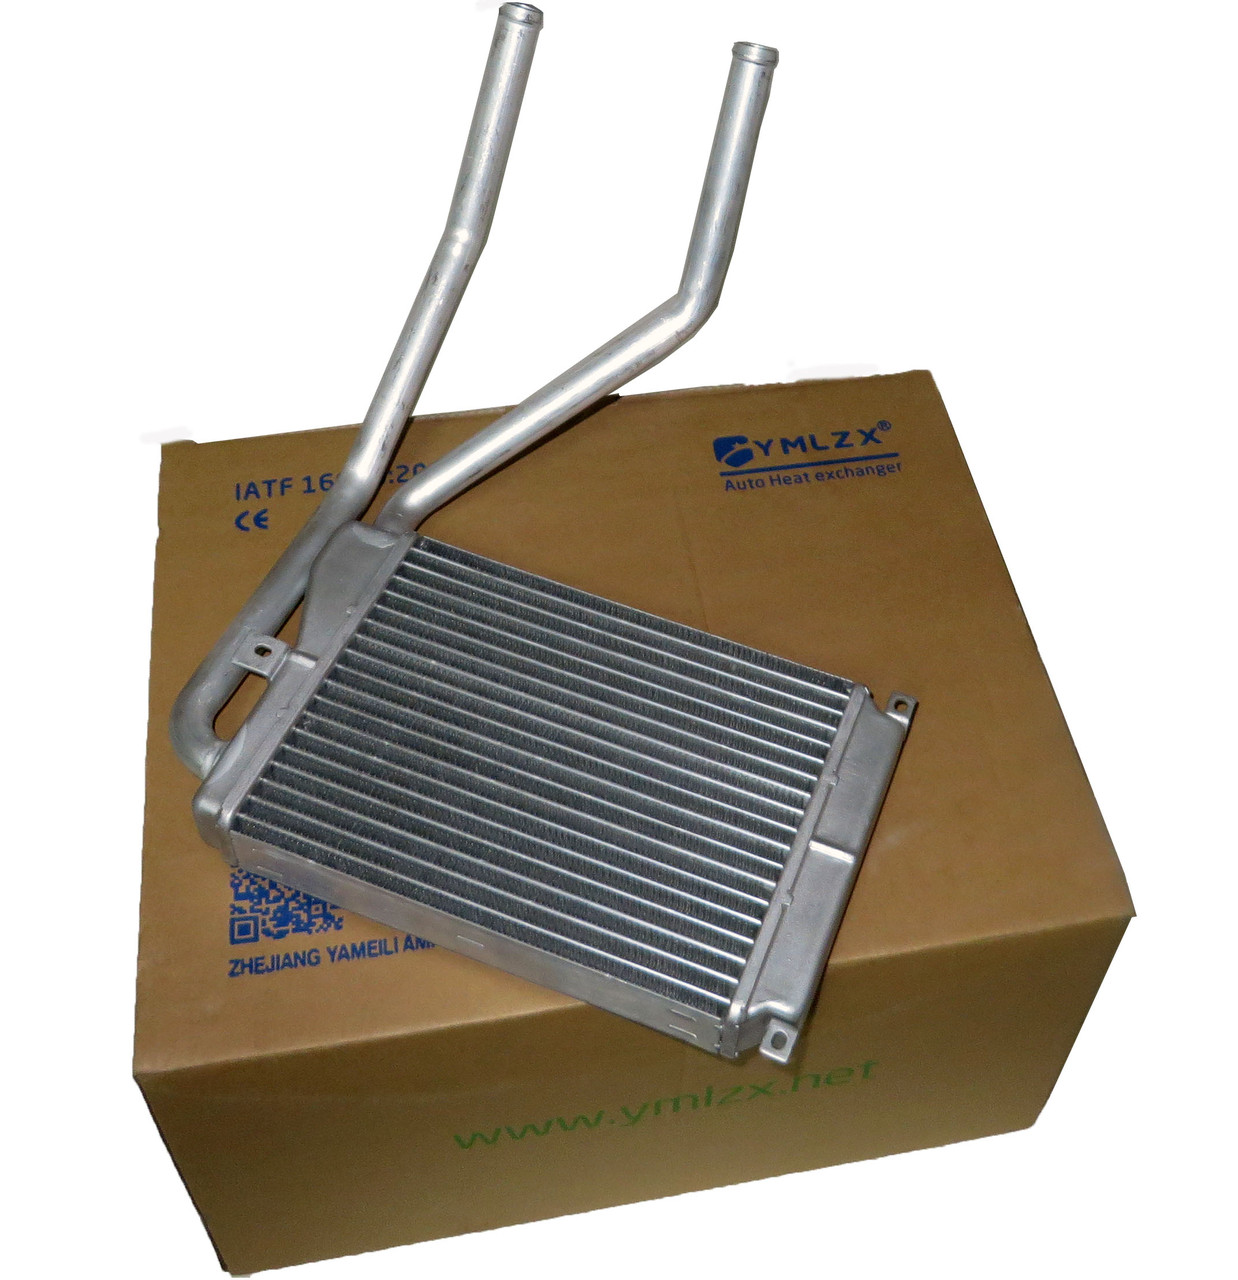 Радиатор печки Нексия с ушками (нов. образца), YMLZX, YML-BH-301, 03059812-10-